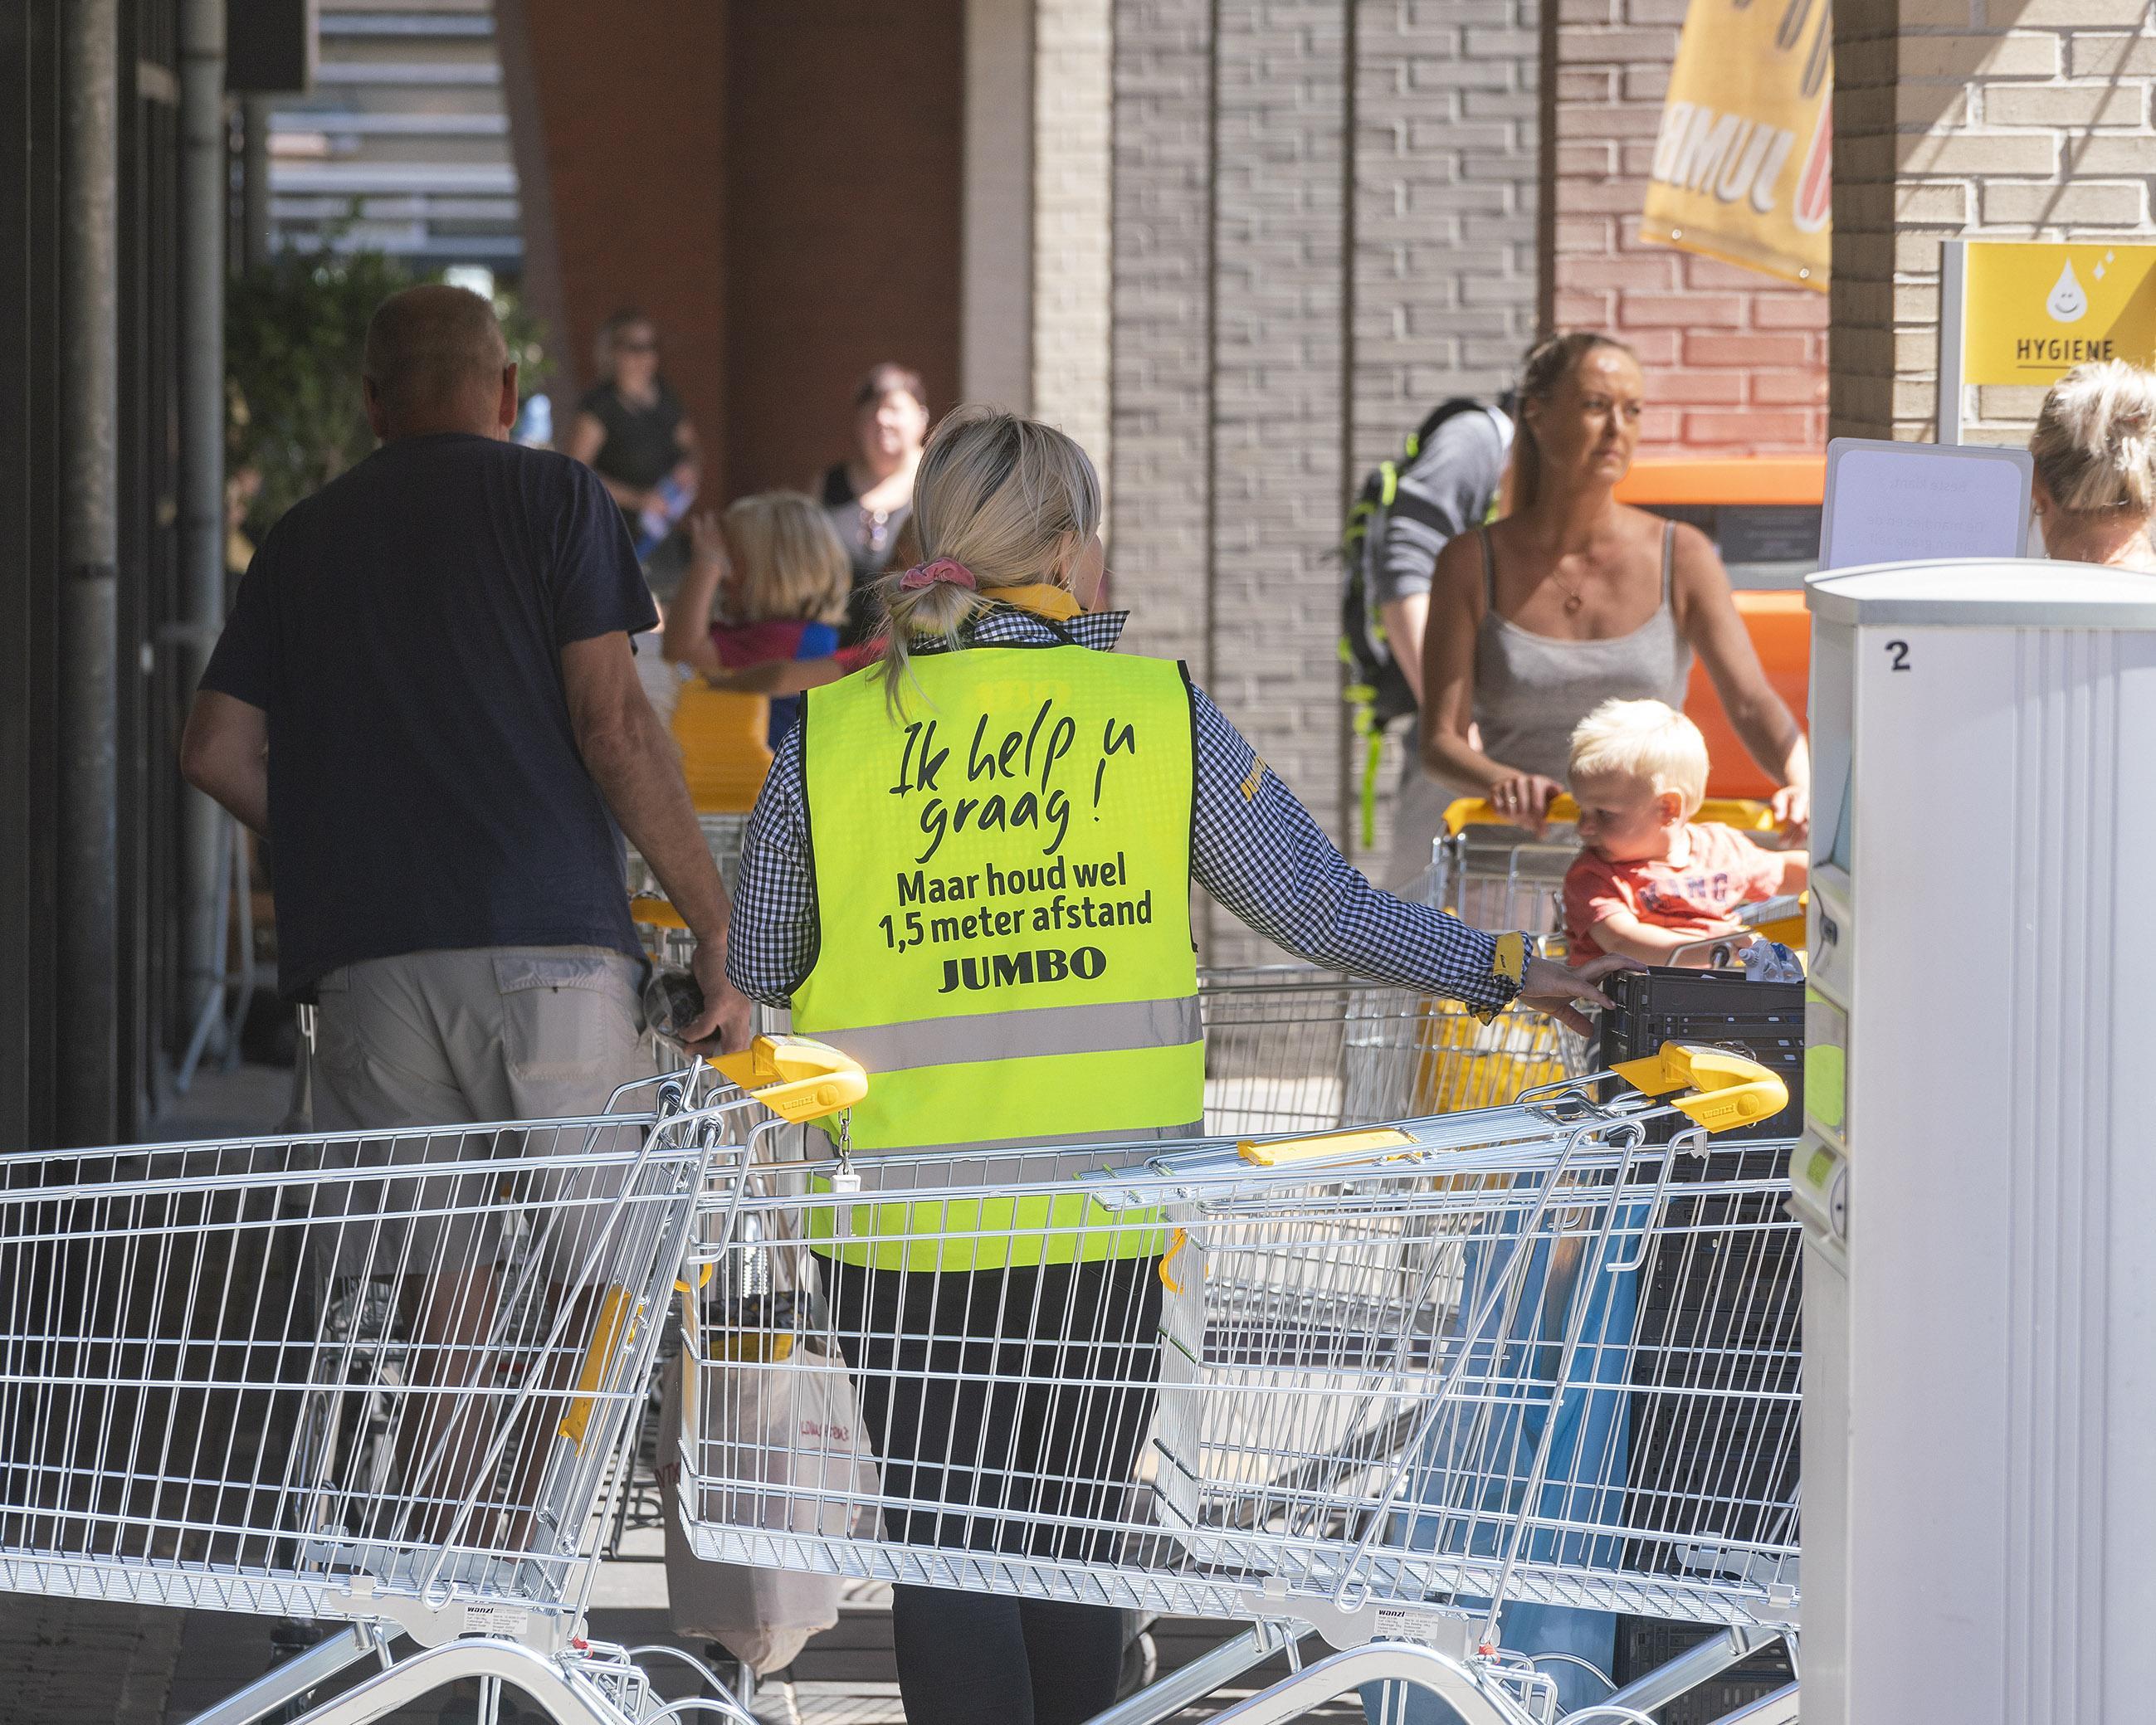 'Ik hoop dat je corona krijgt, roepen ze': medewerkers van de Jumbo in Schoorl moeten heel wat incasseren, van boze blikken tot bedreigingen